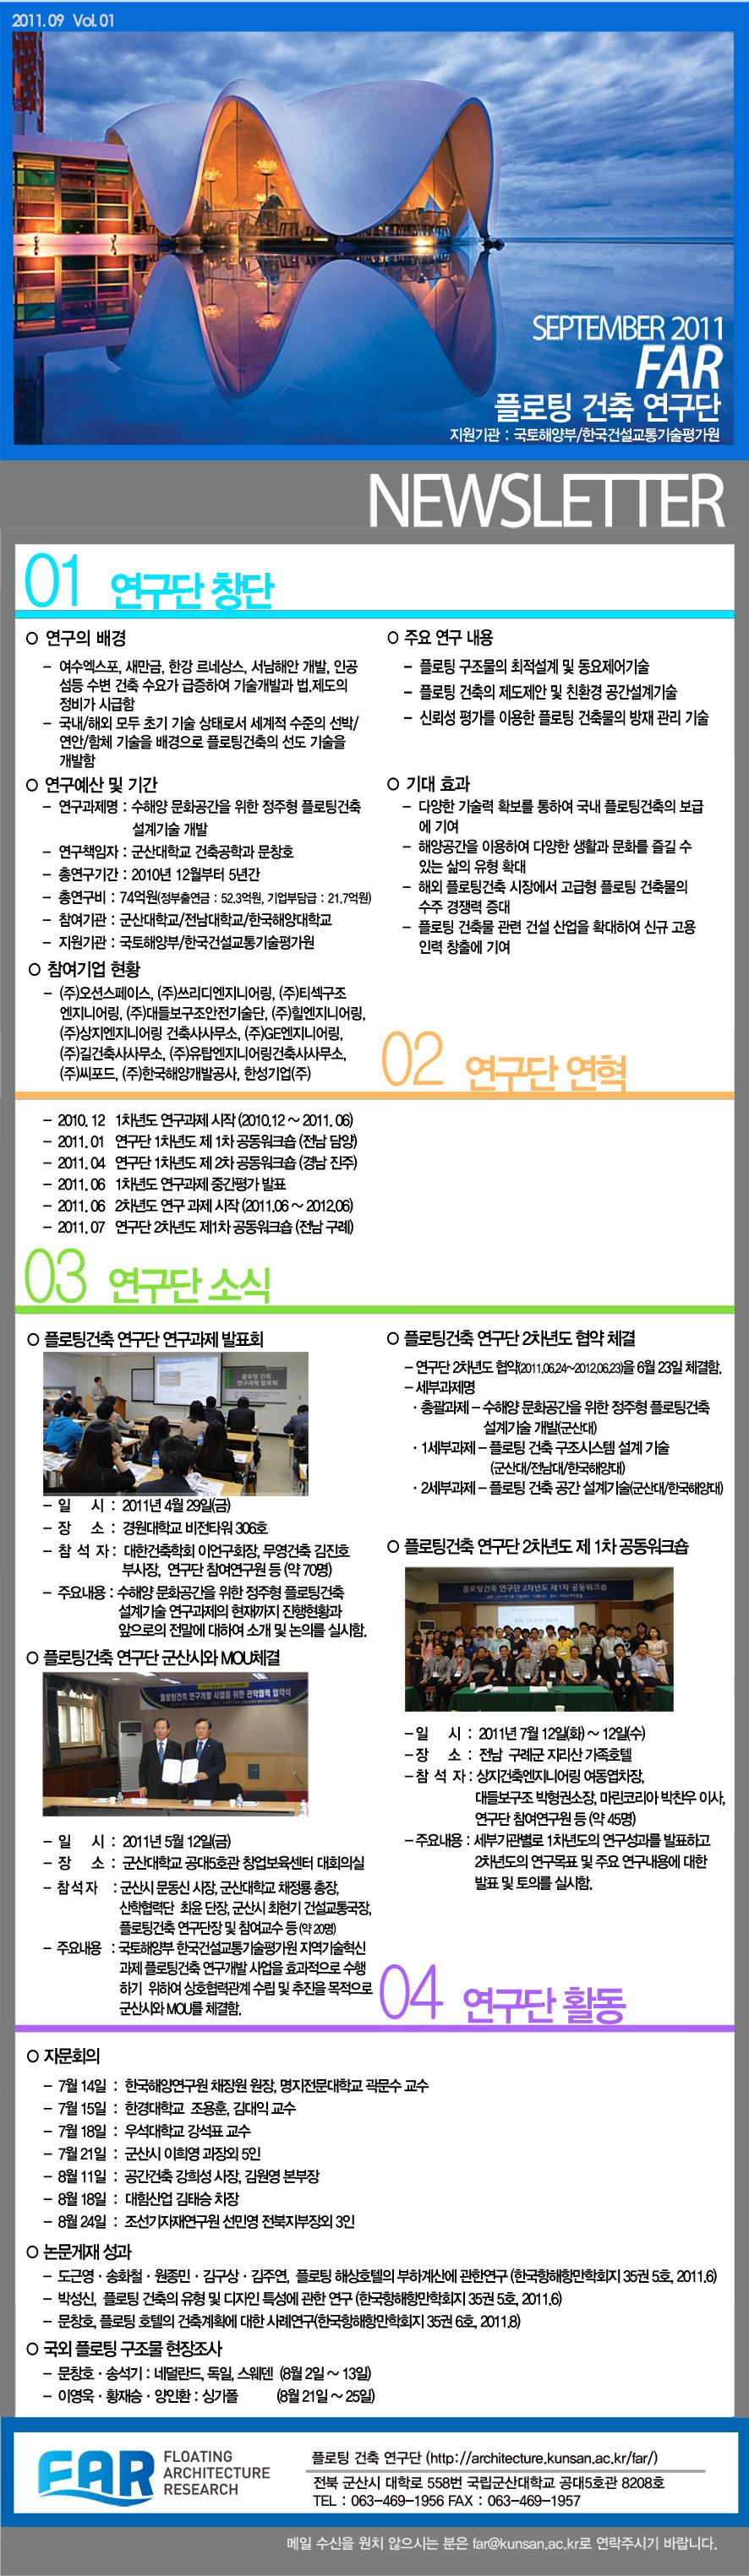 플로팅건축 연구단 뉴스레터 9월 창간호(01)-15.jpg